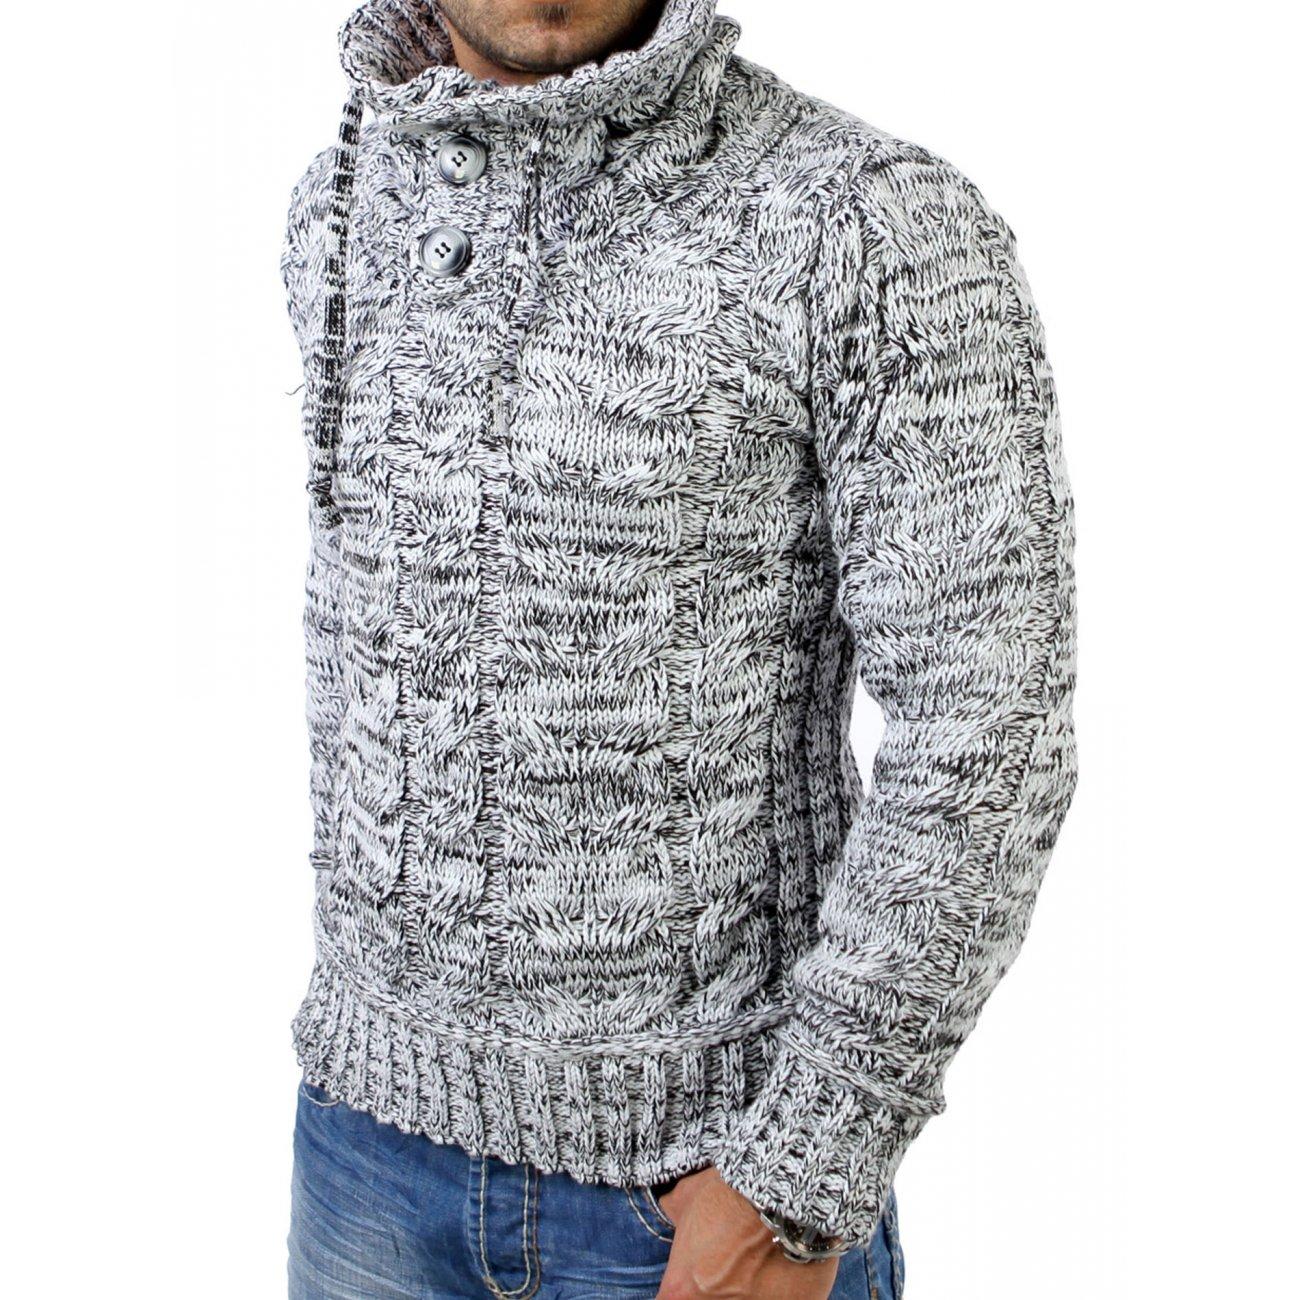 pullover herren reslad 3960 winter pullover g nstig kaufen. Black Bedroom Furniture Sets. Home Design Ideas